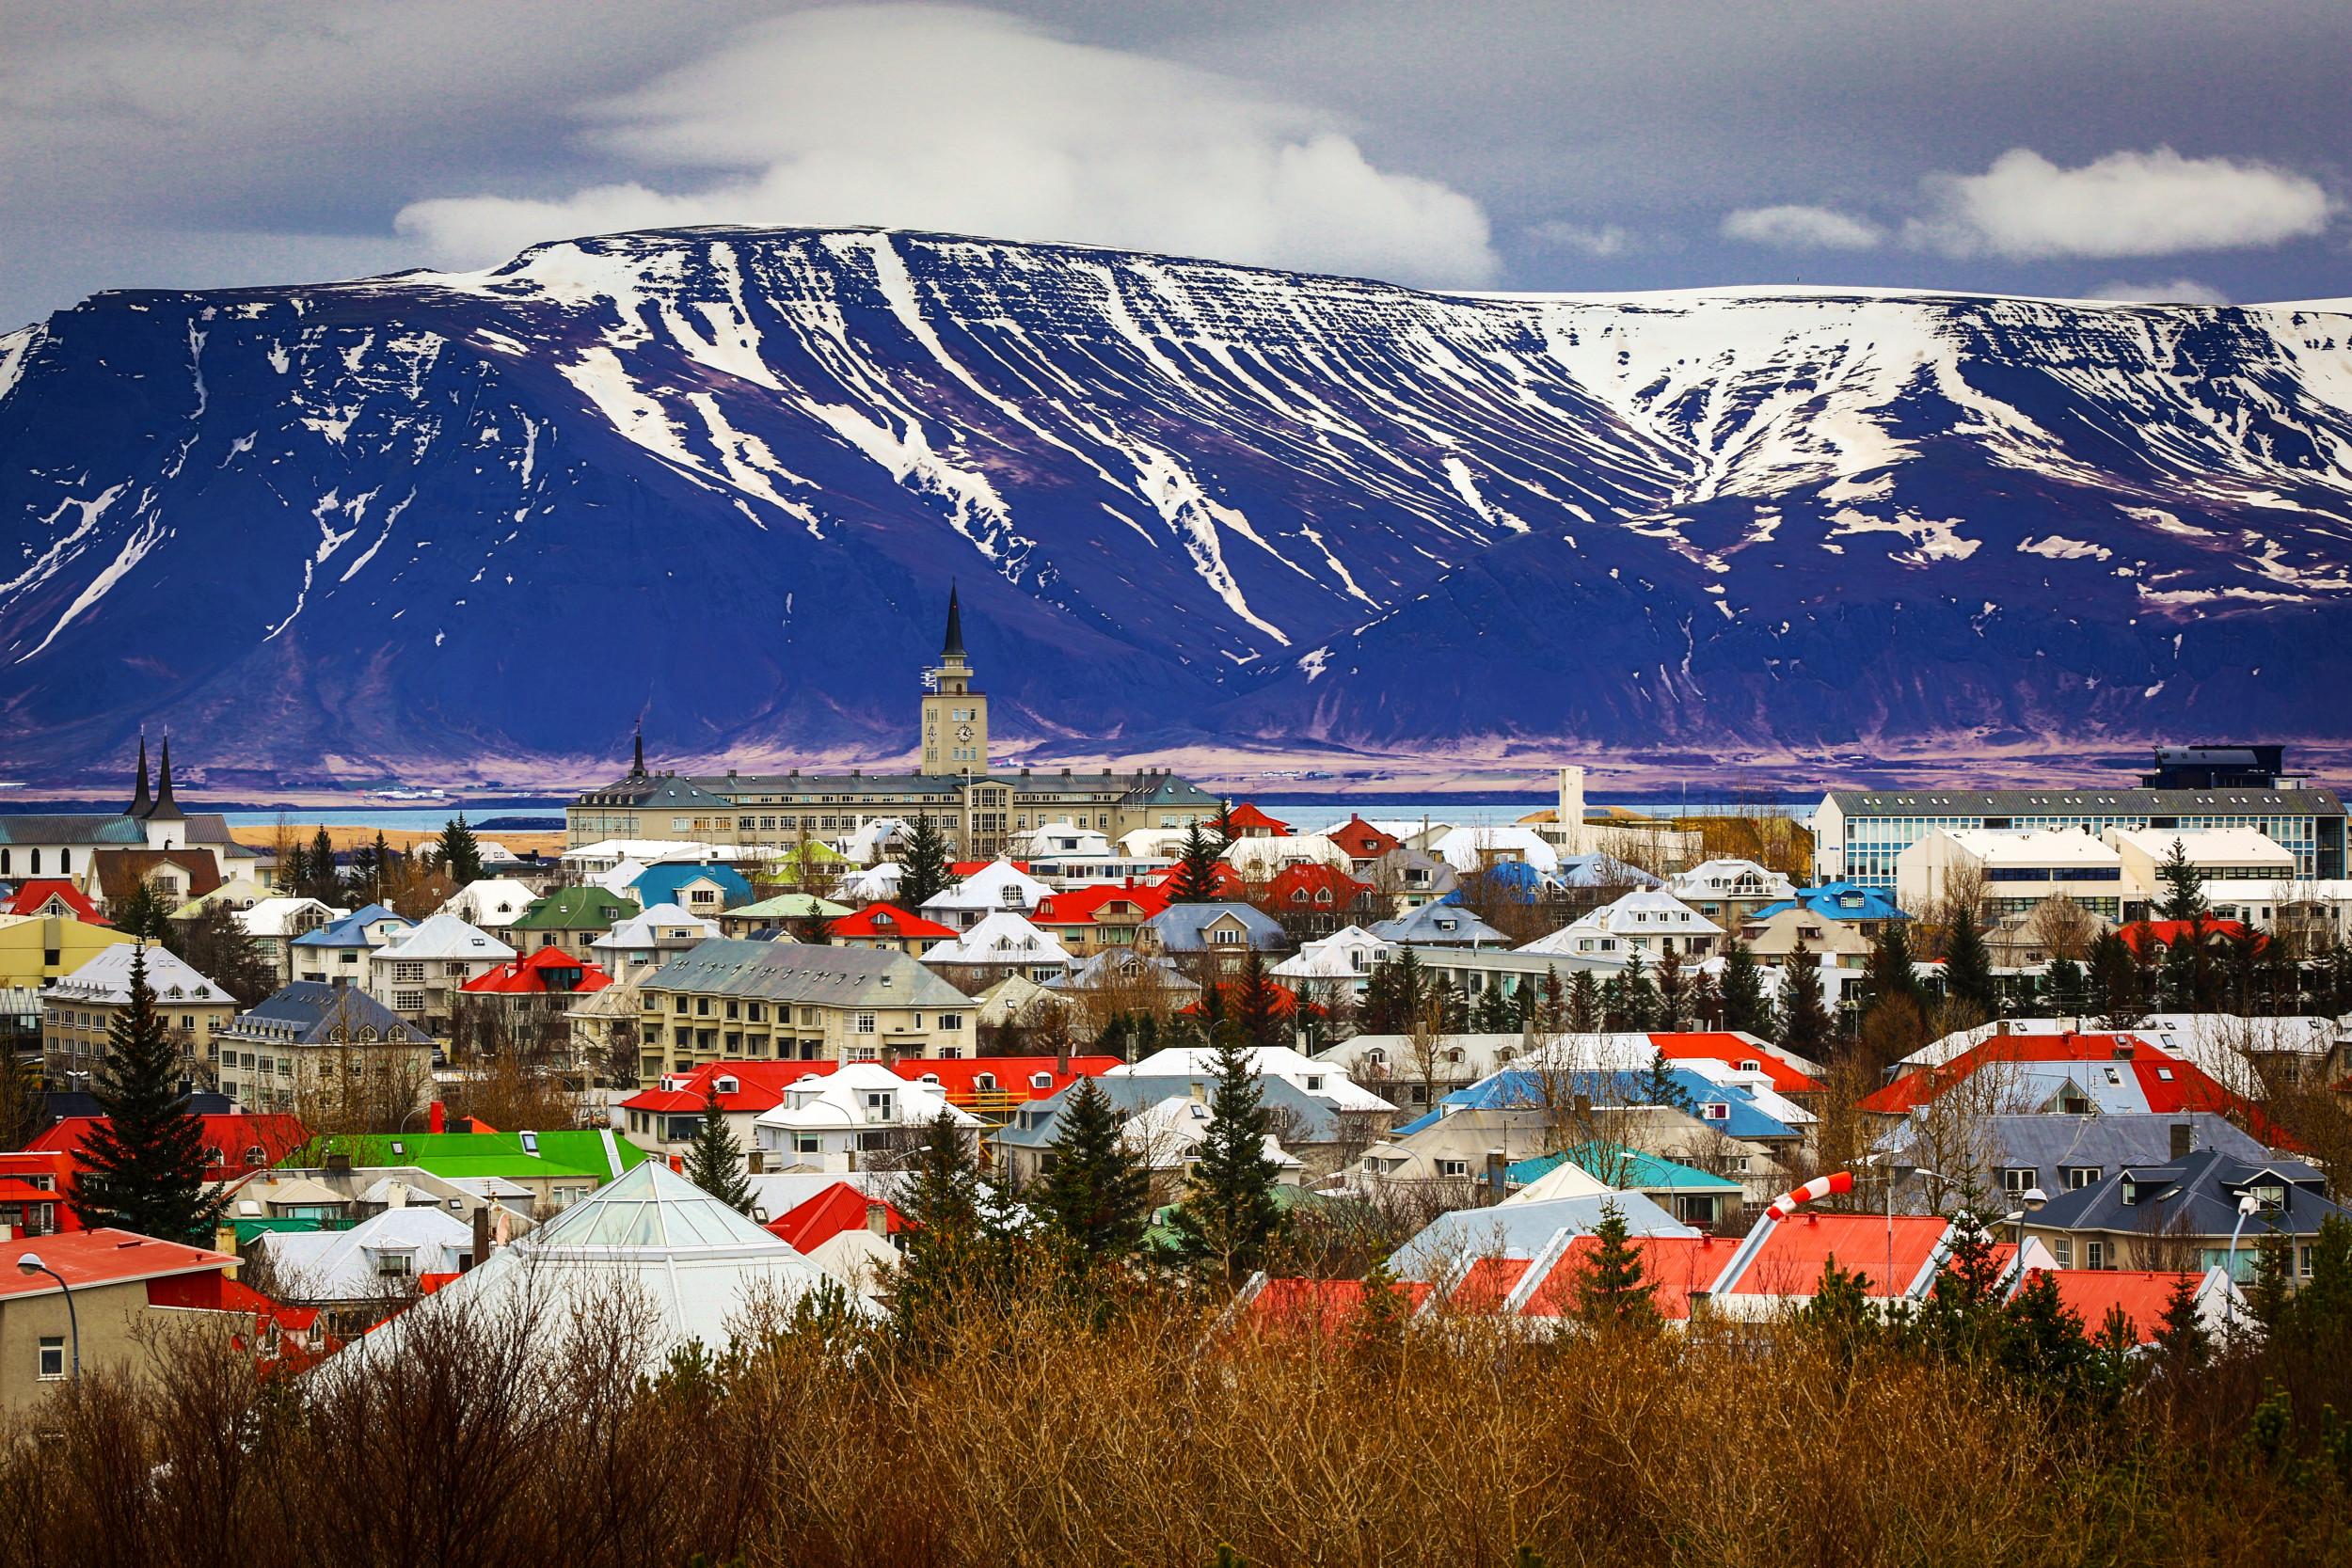 FE_SmartCities_ReykjavikIceland_538038355